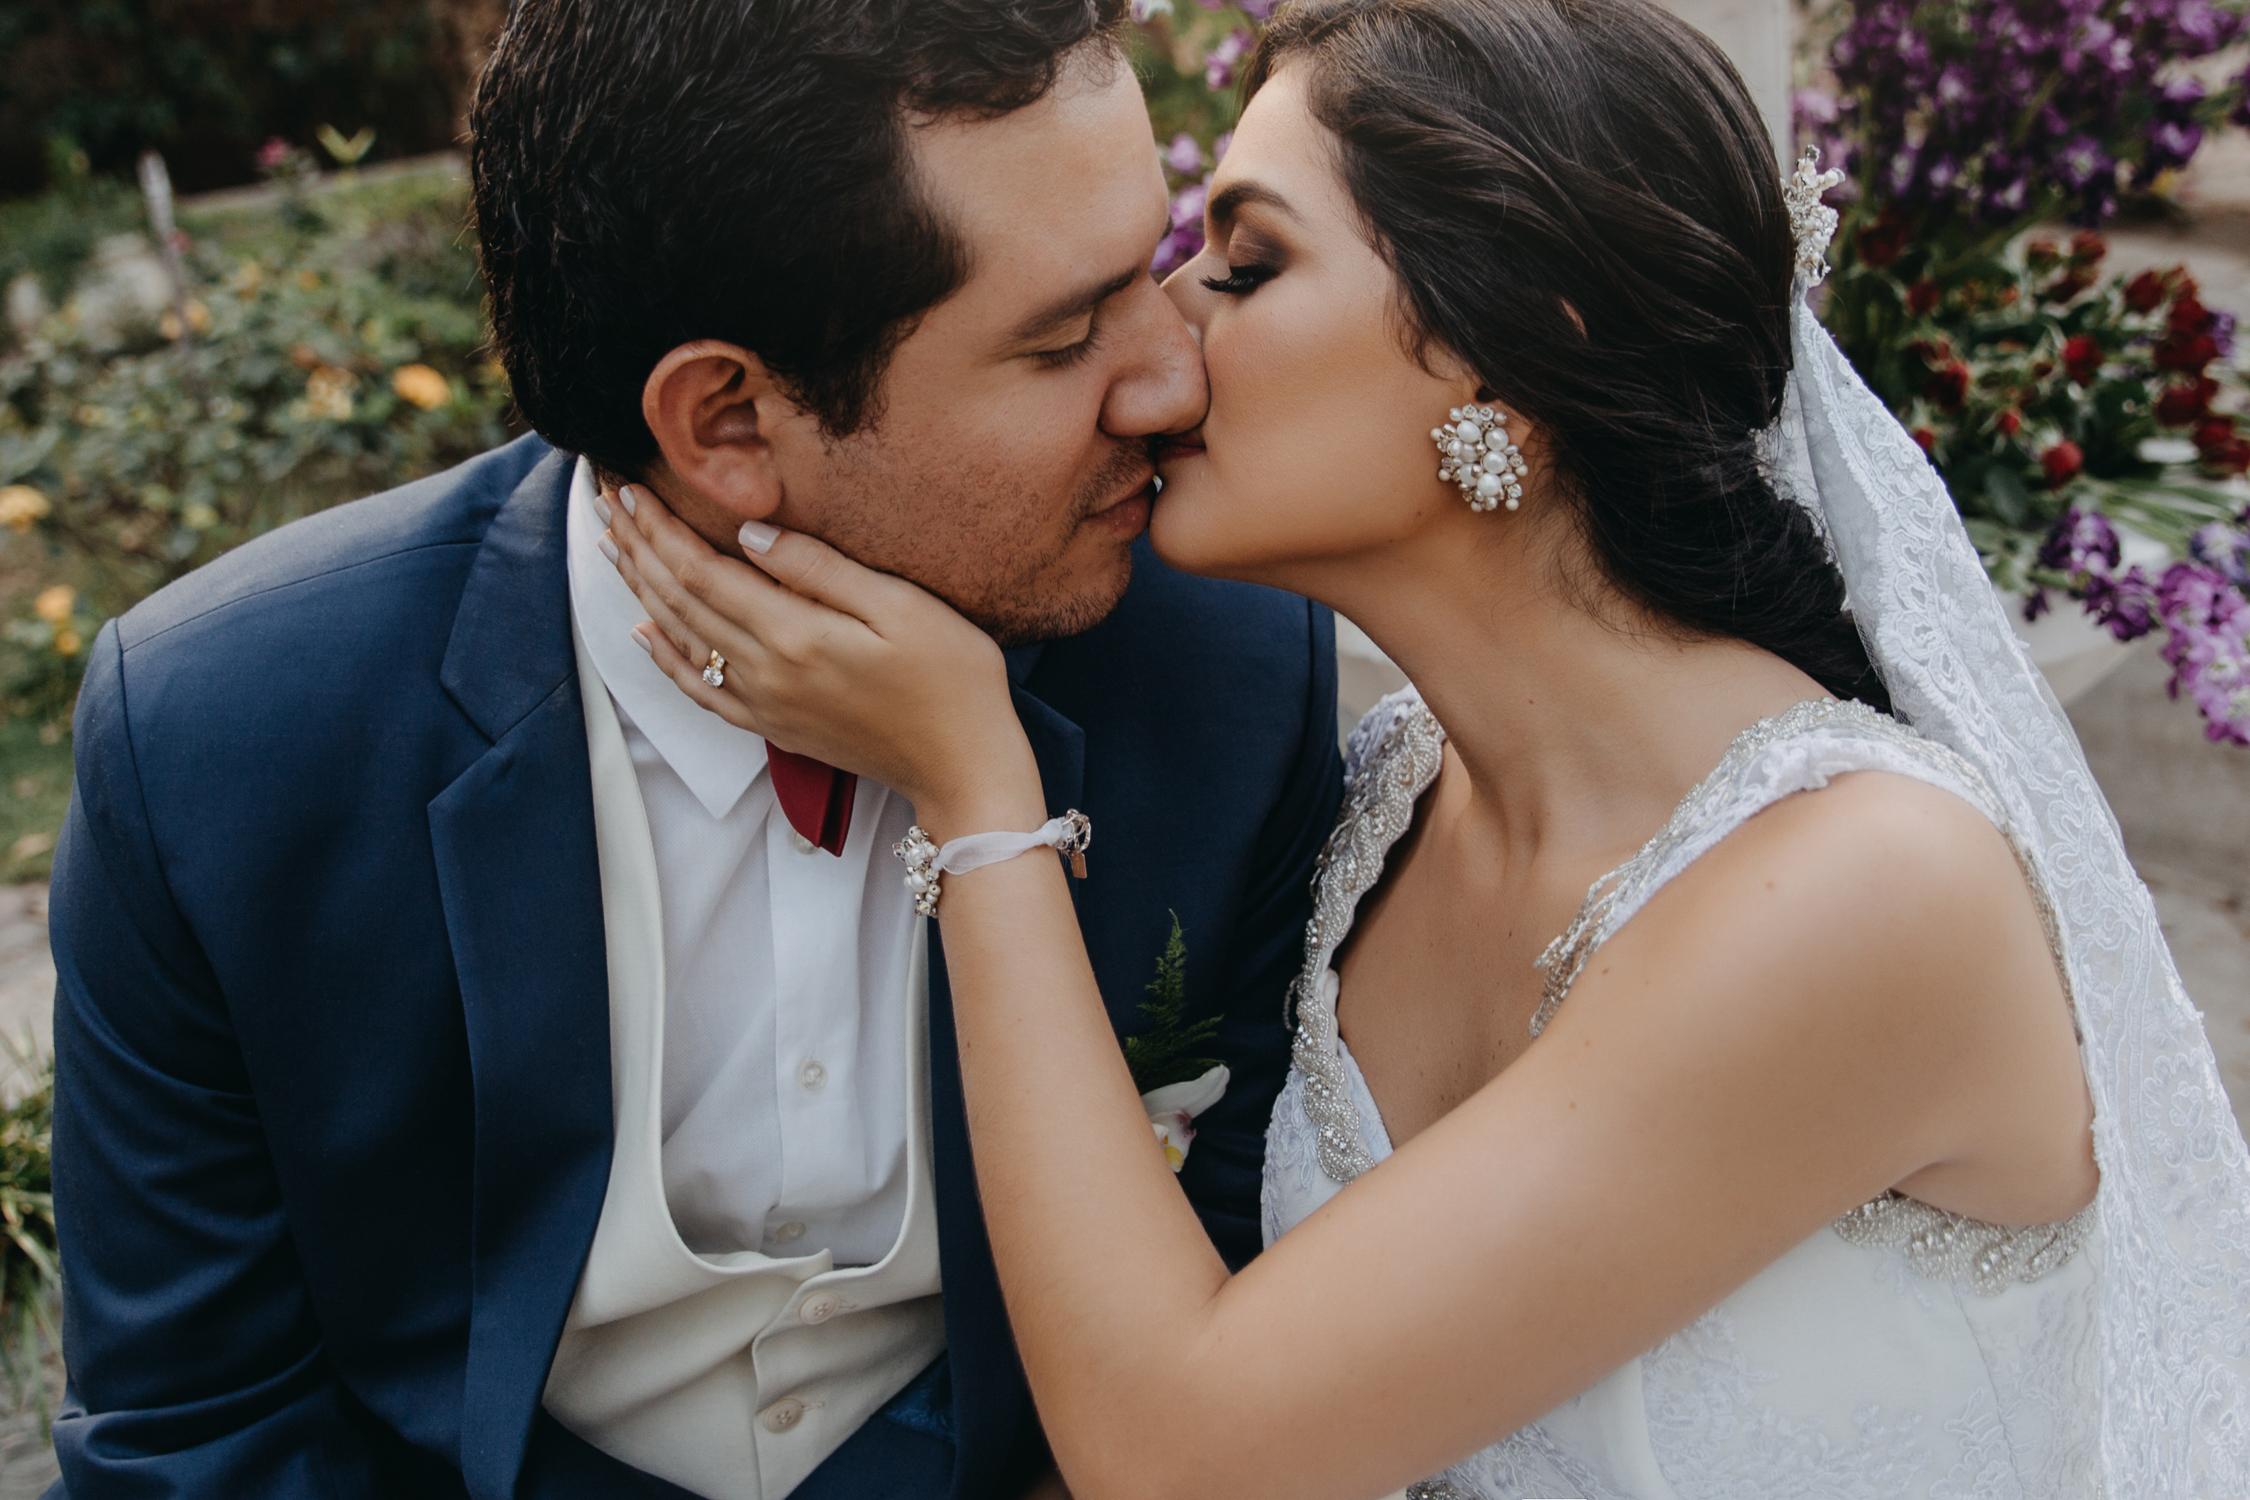 Michelle-Agurto-Fotografia-Bodas-Ecuador-Destination-Wedding-Photographer-Cristi-Luis-107.JPG